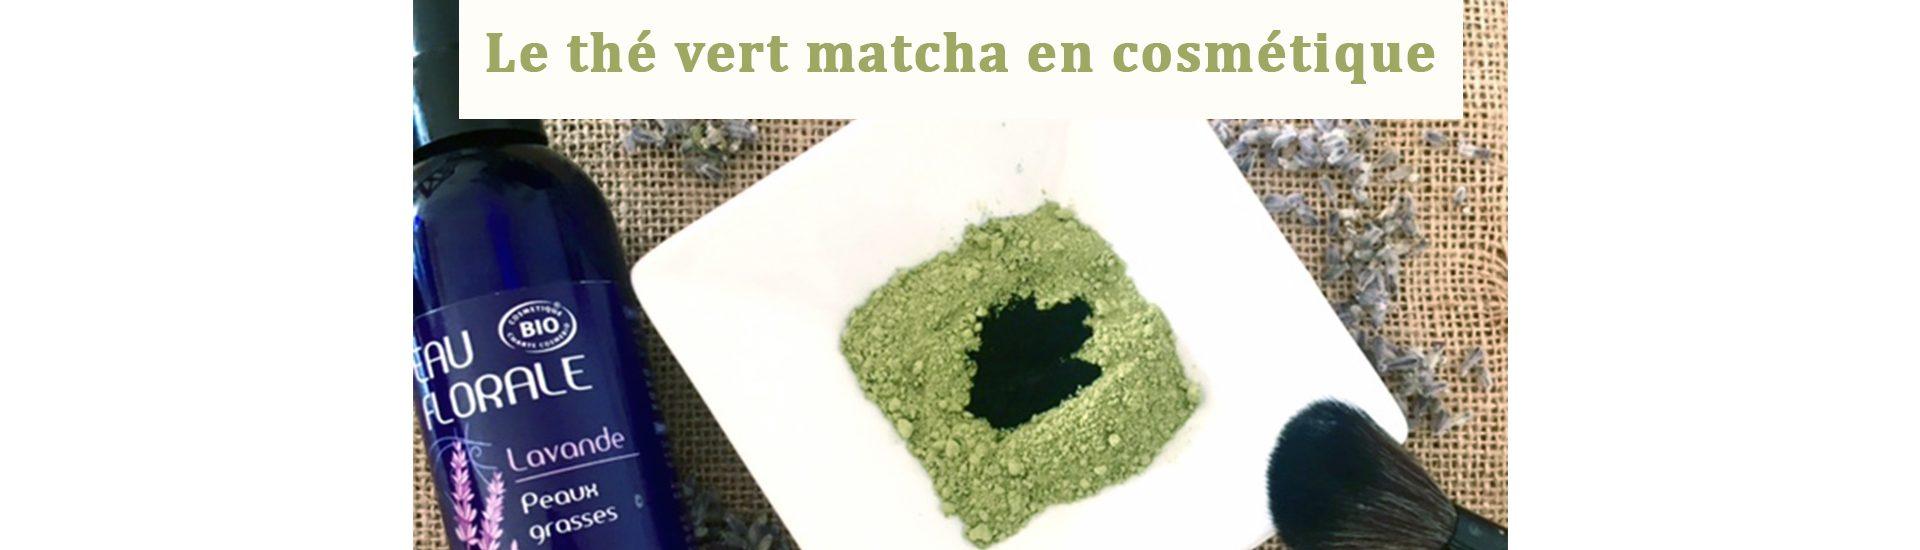 bandeau masque thé vert matcha en cosmétique